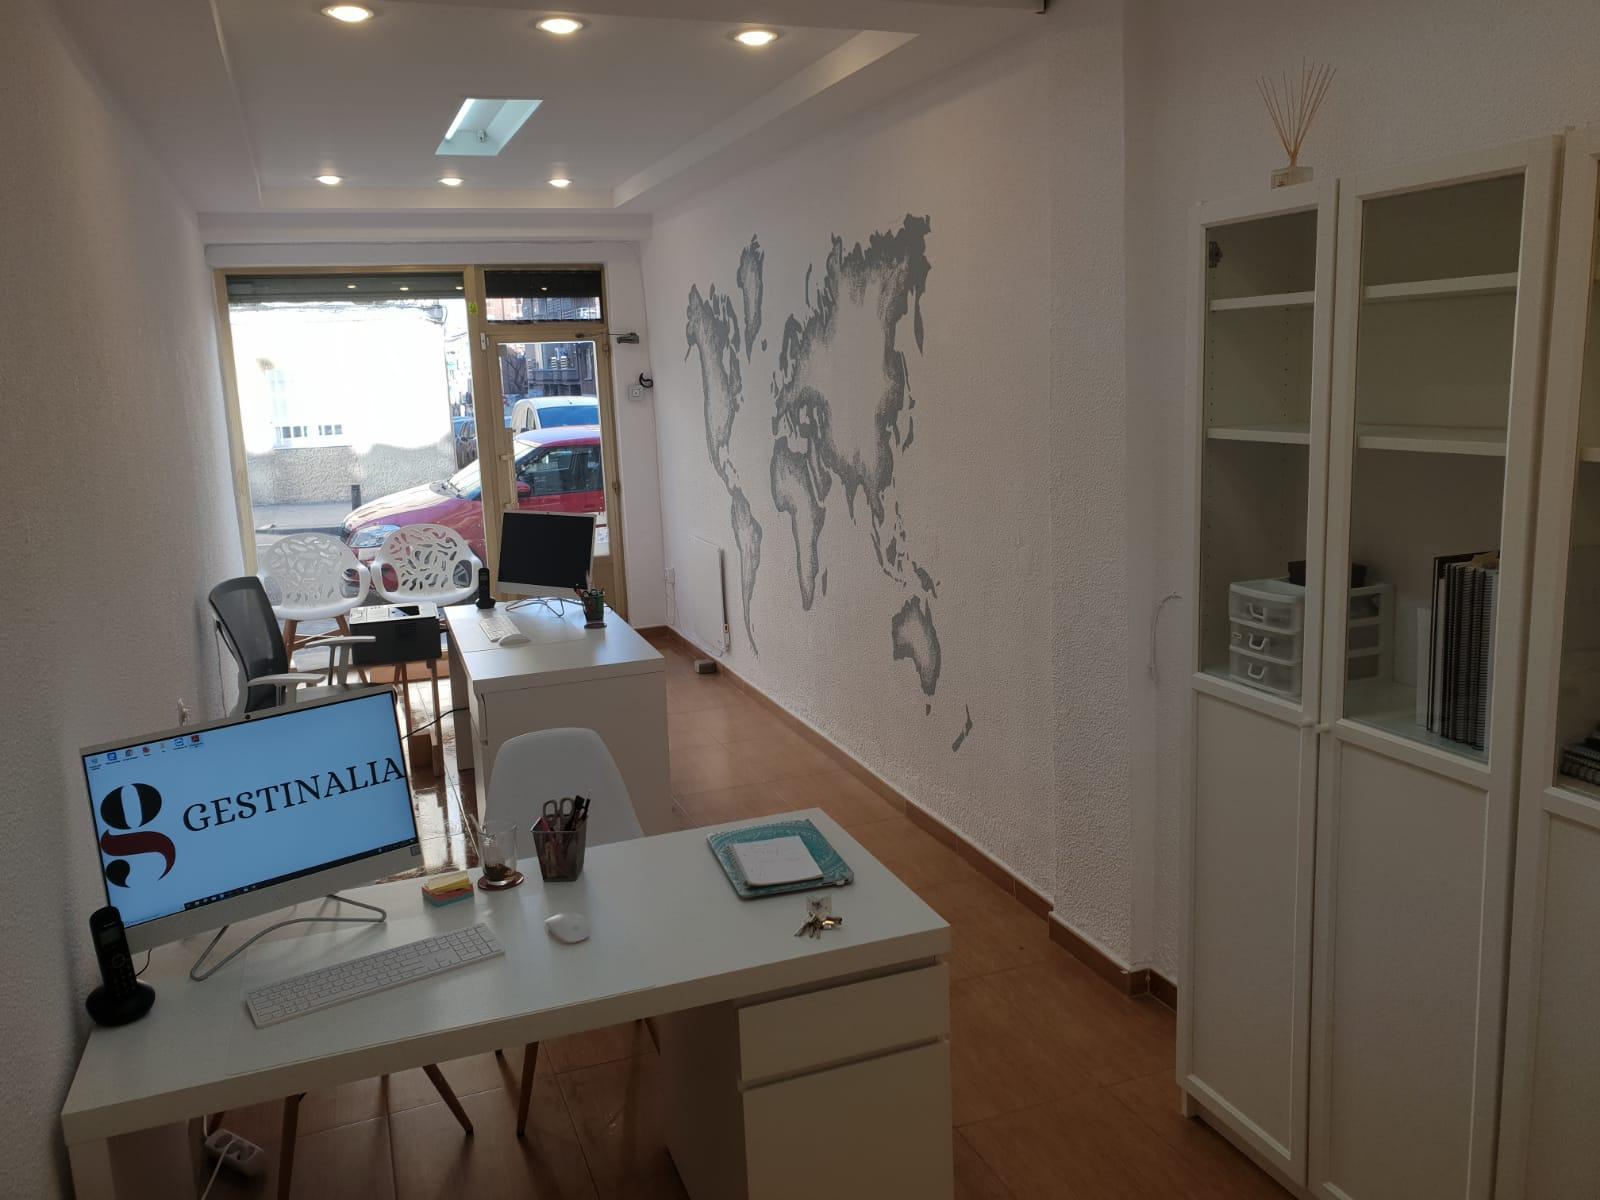 Oficinas de Gestinalia